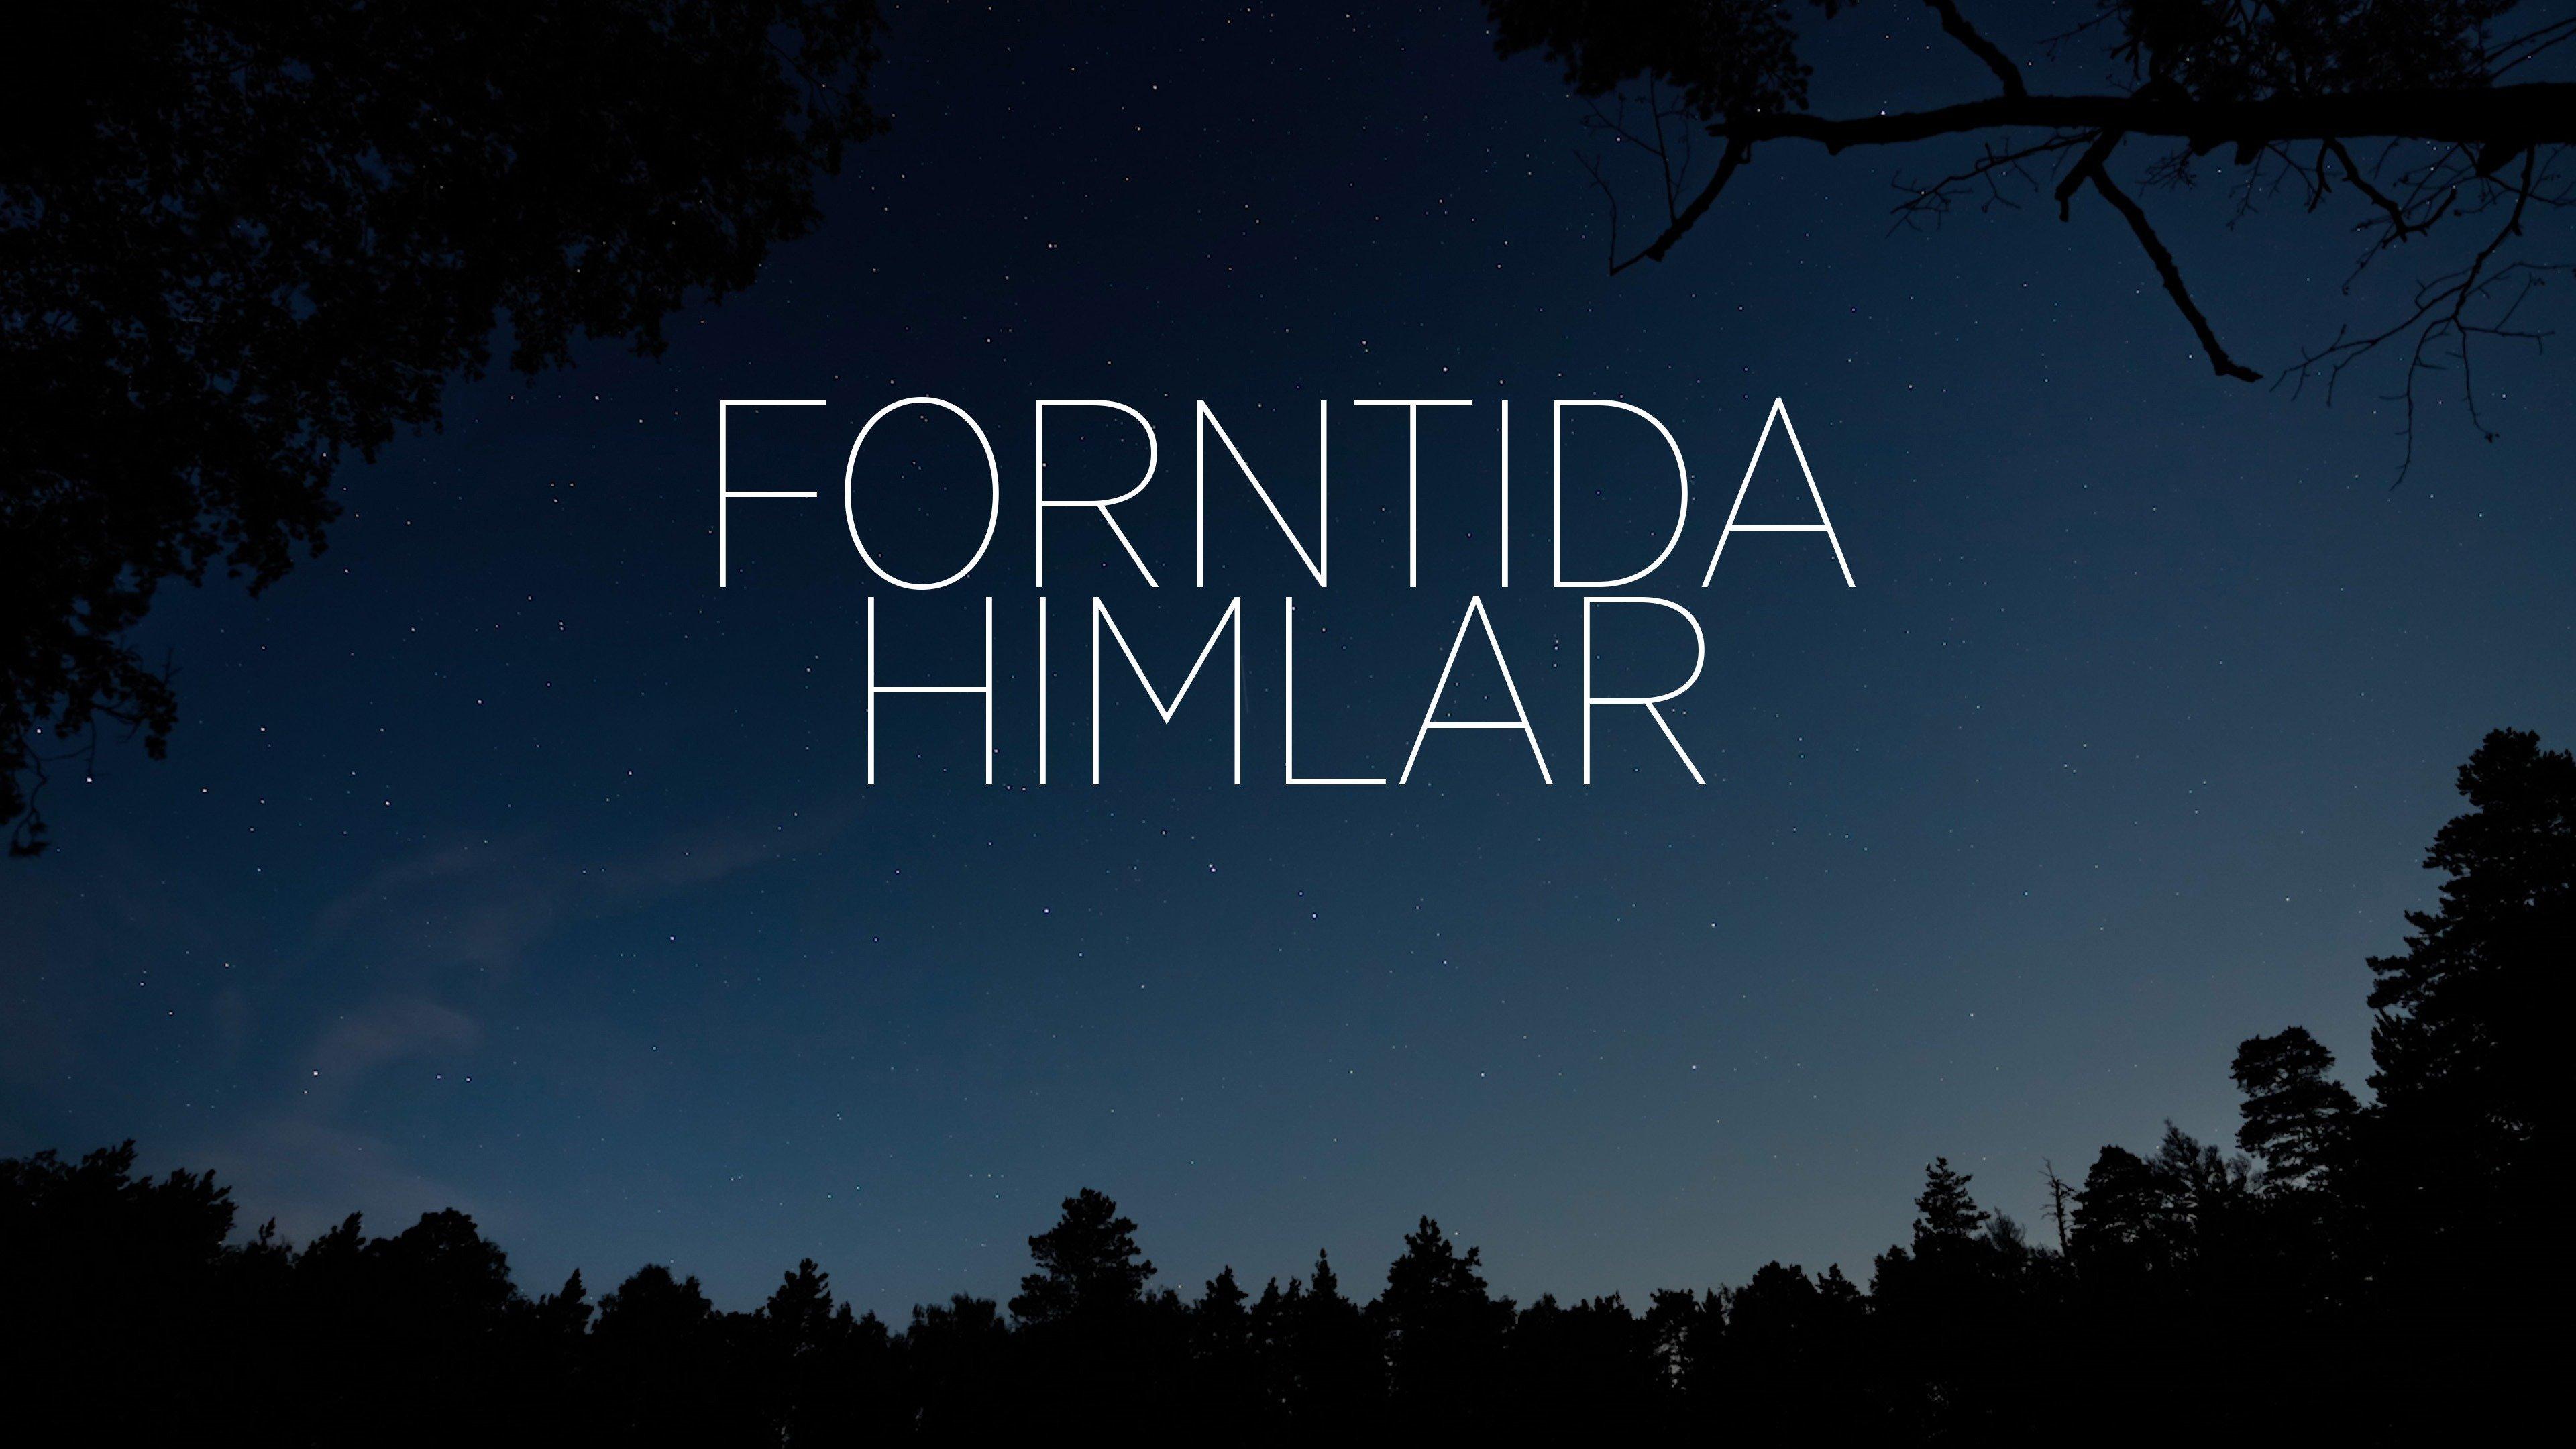 Forntida himlar